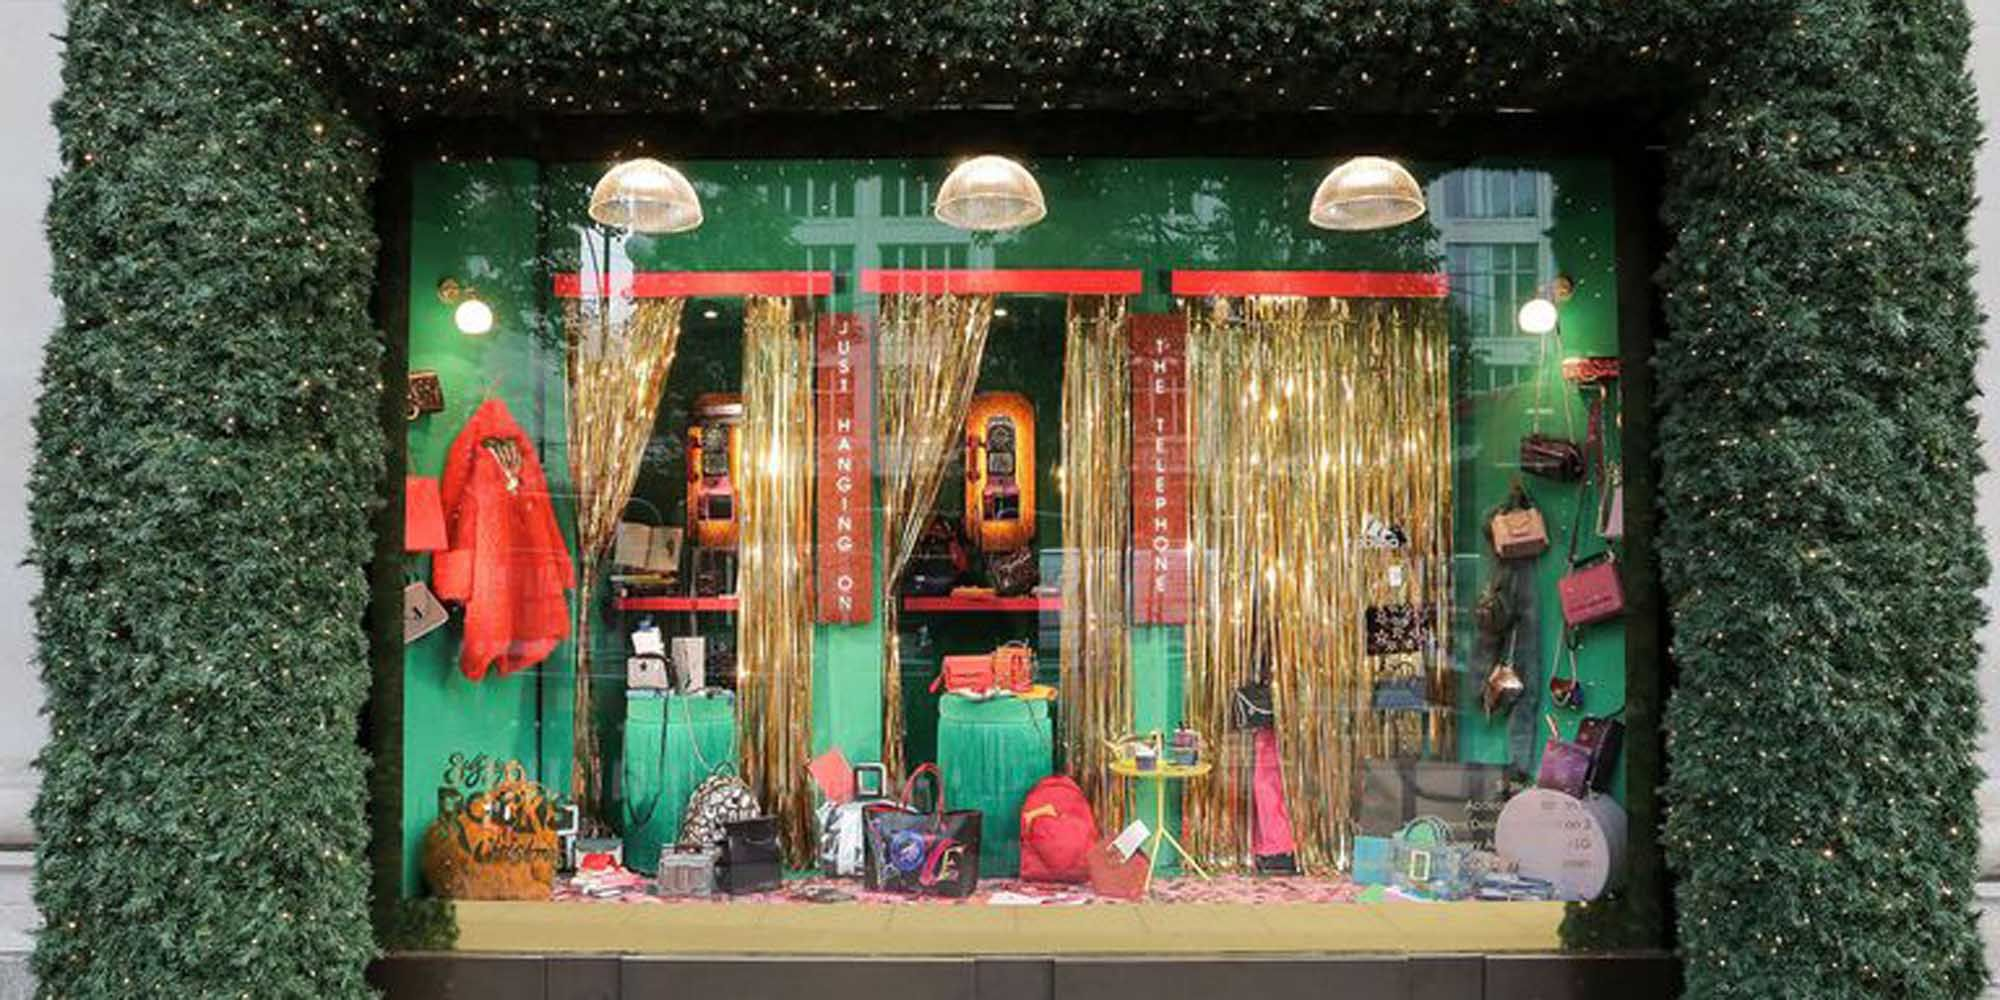 Selfridges, kerstetalage, etalage, kerst, Londen, London